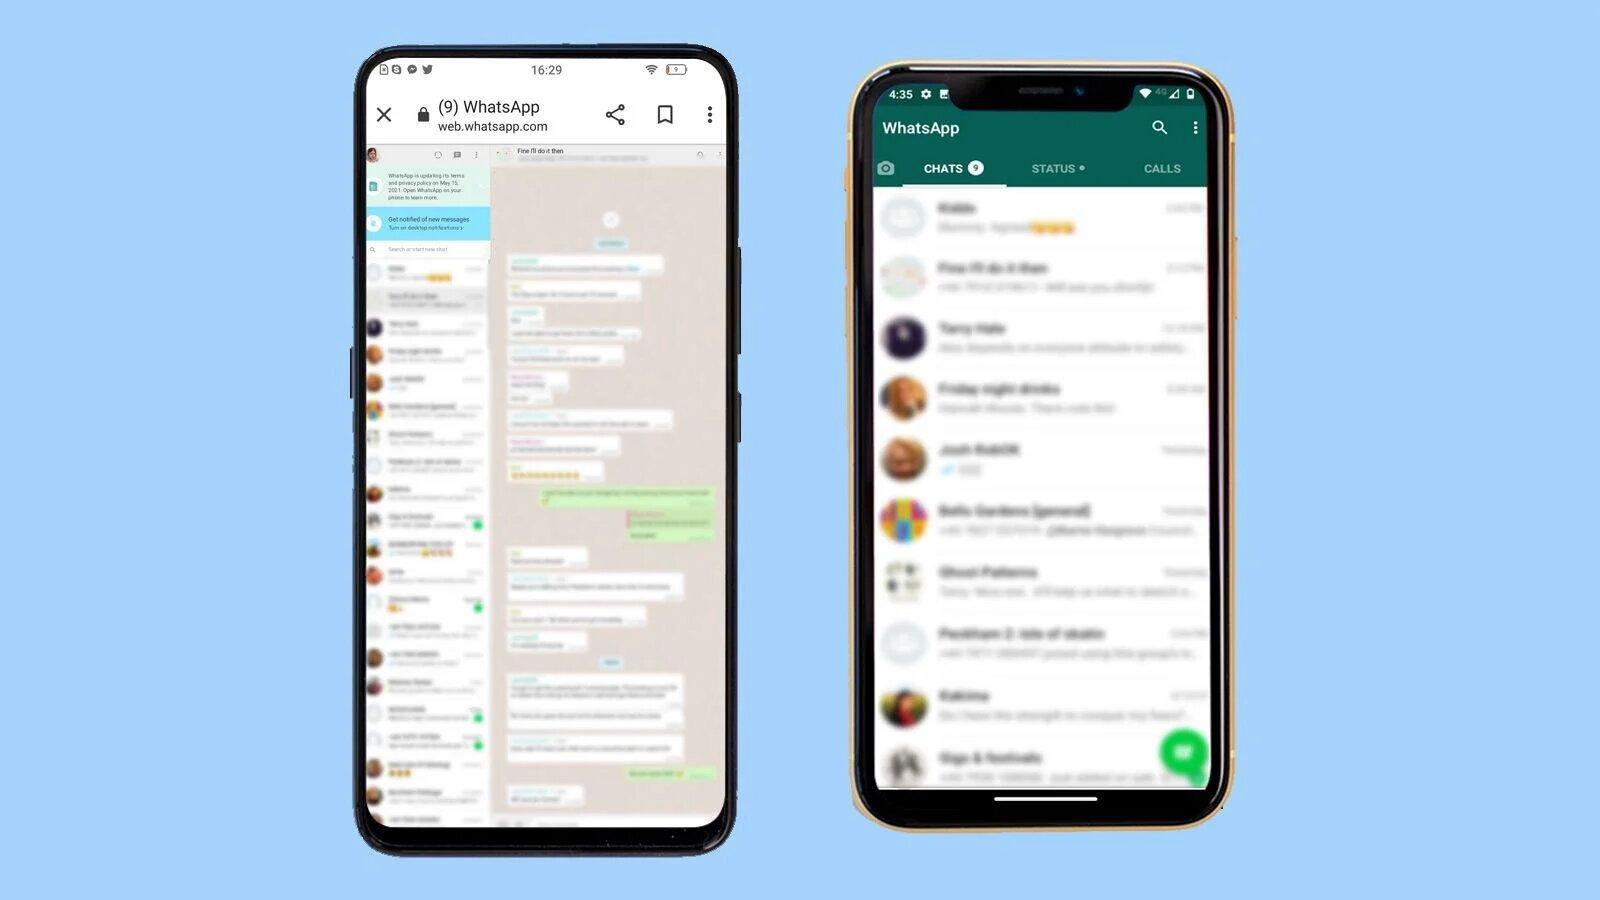 استفاده همزمان از یک حساب واتساپ روی دو گوشی